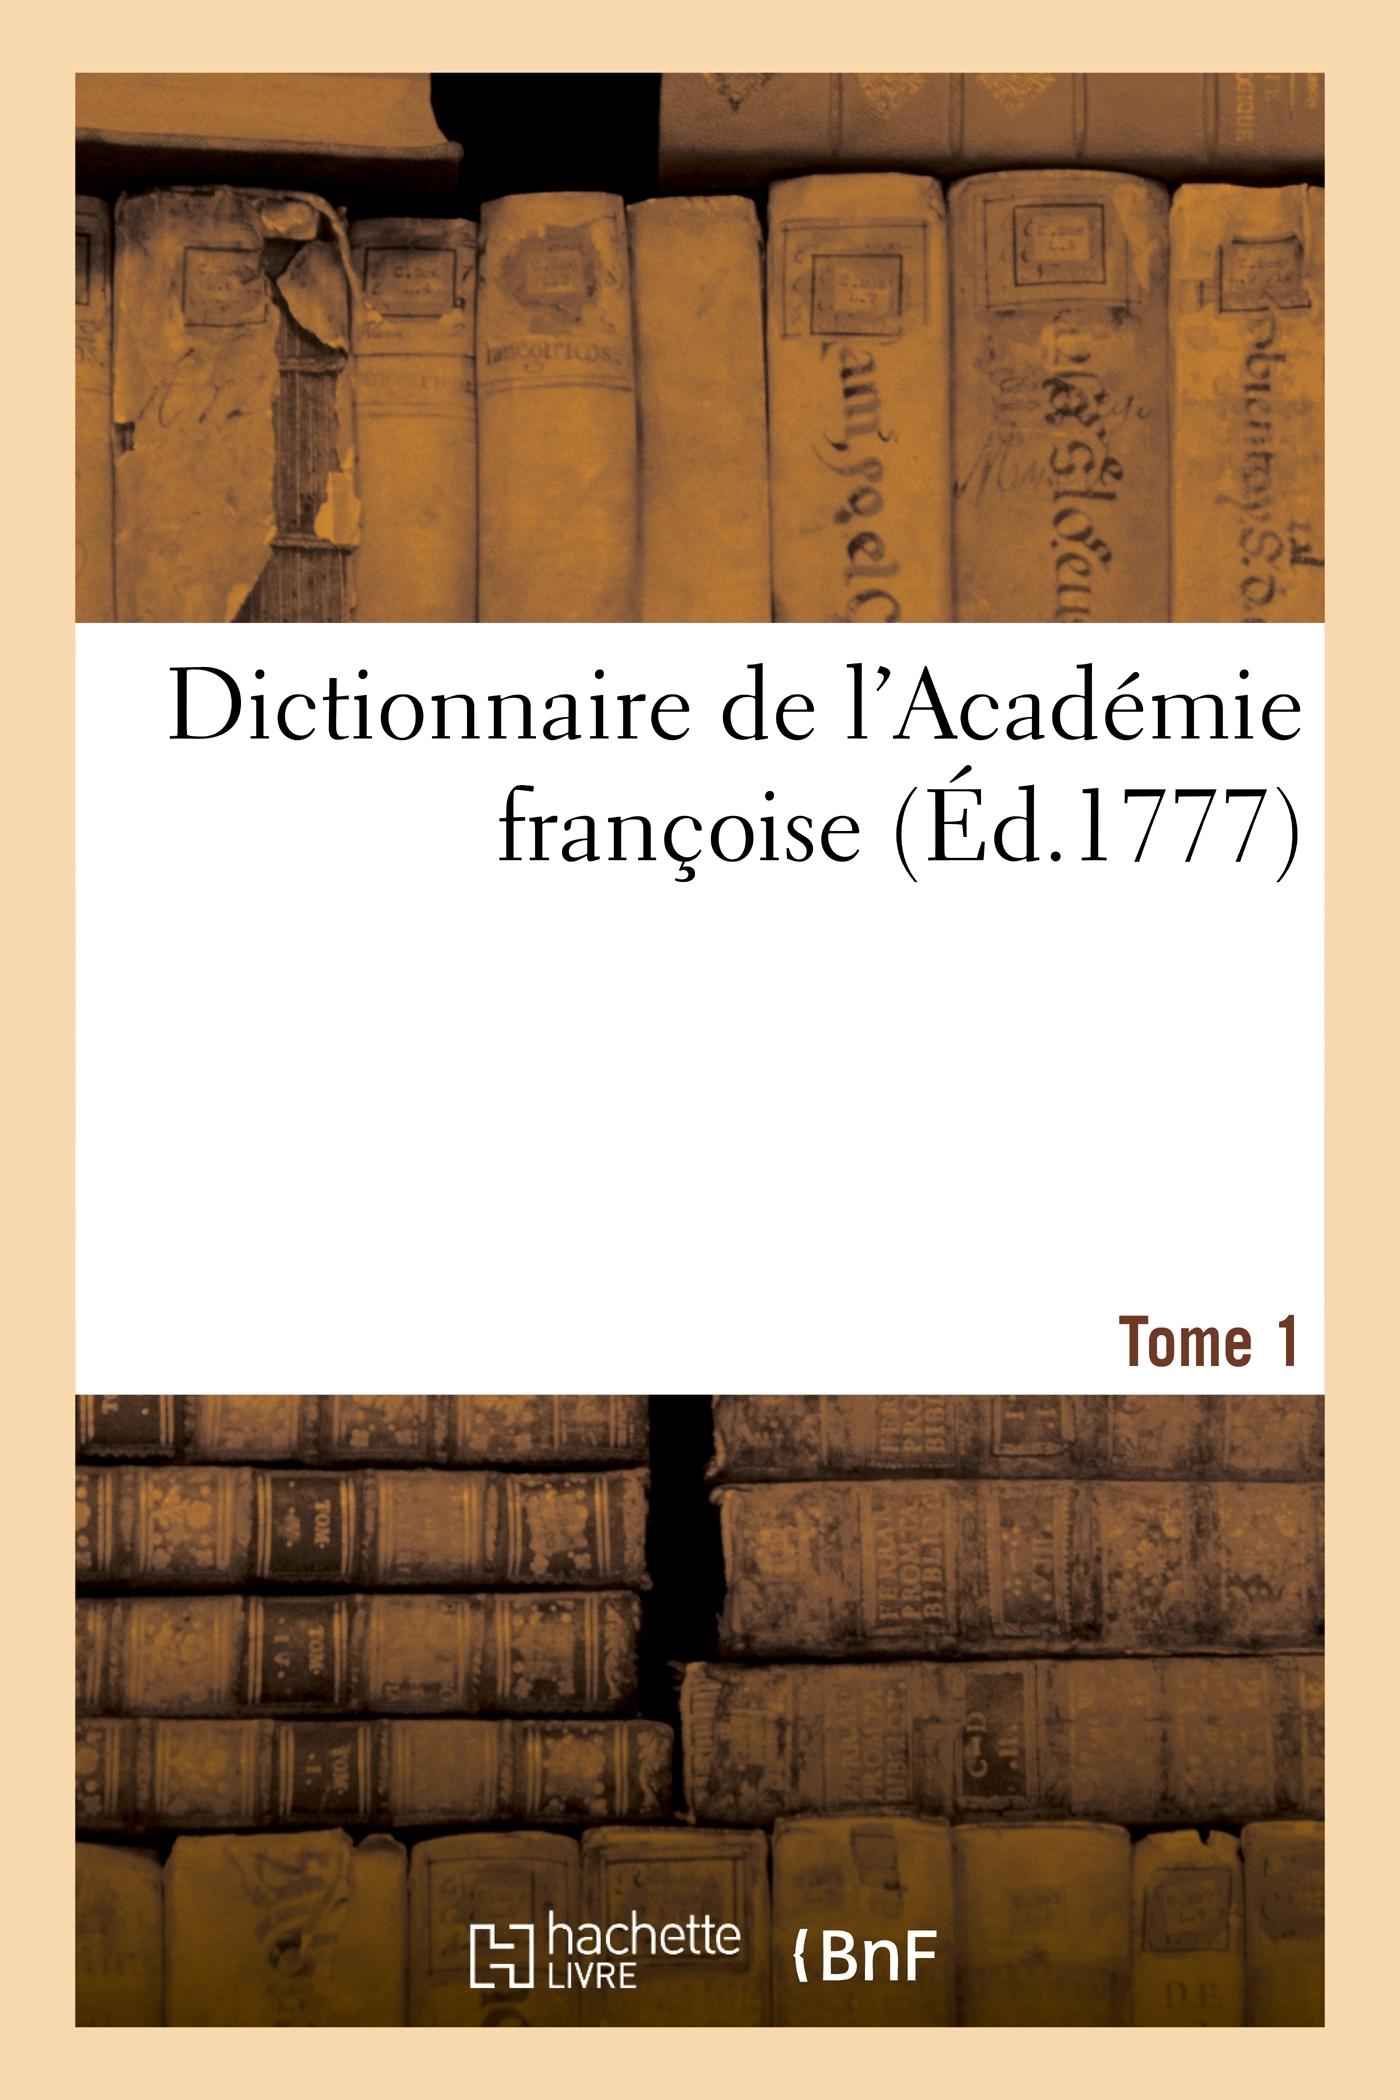 DICTIONNAIRE DE L'ACADEMIE FRANCOISE. TOME 1